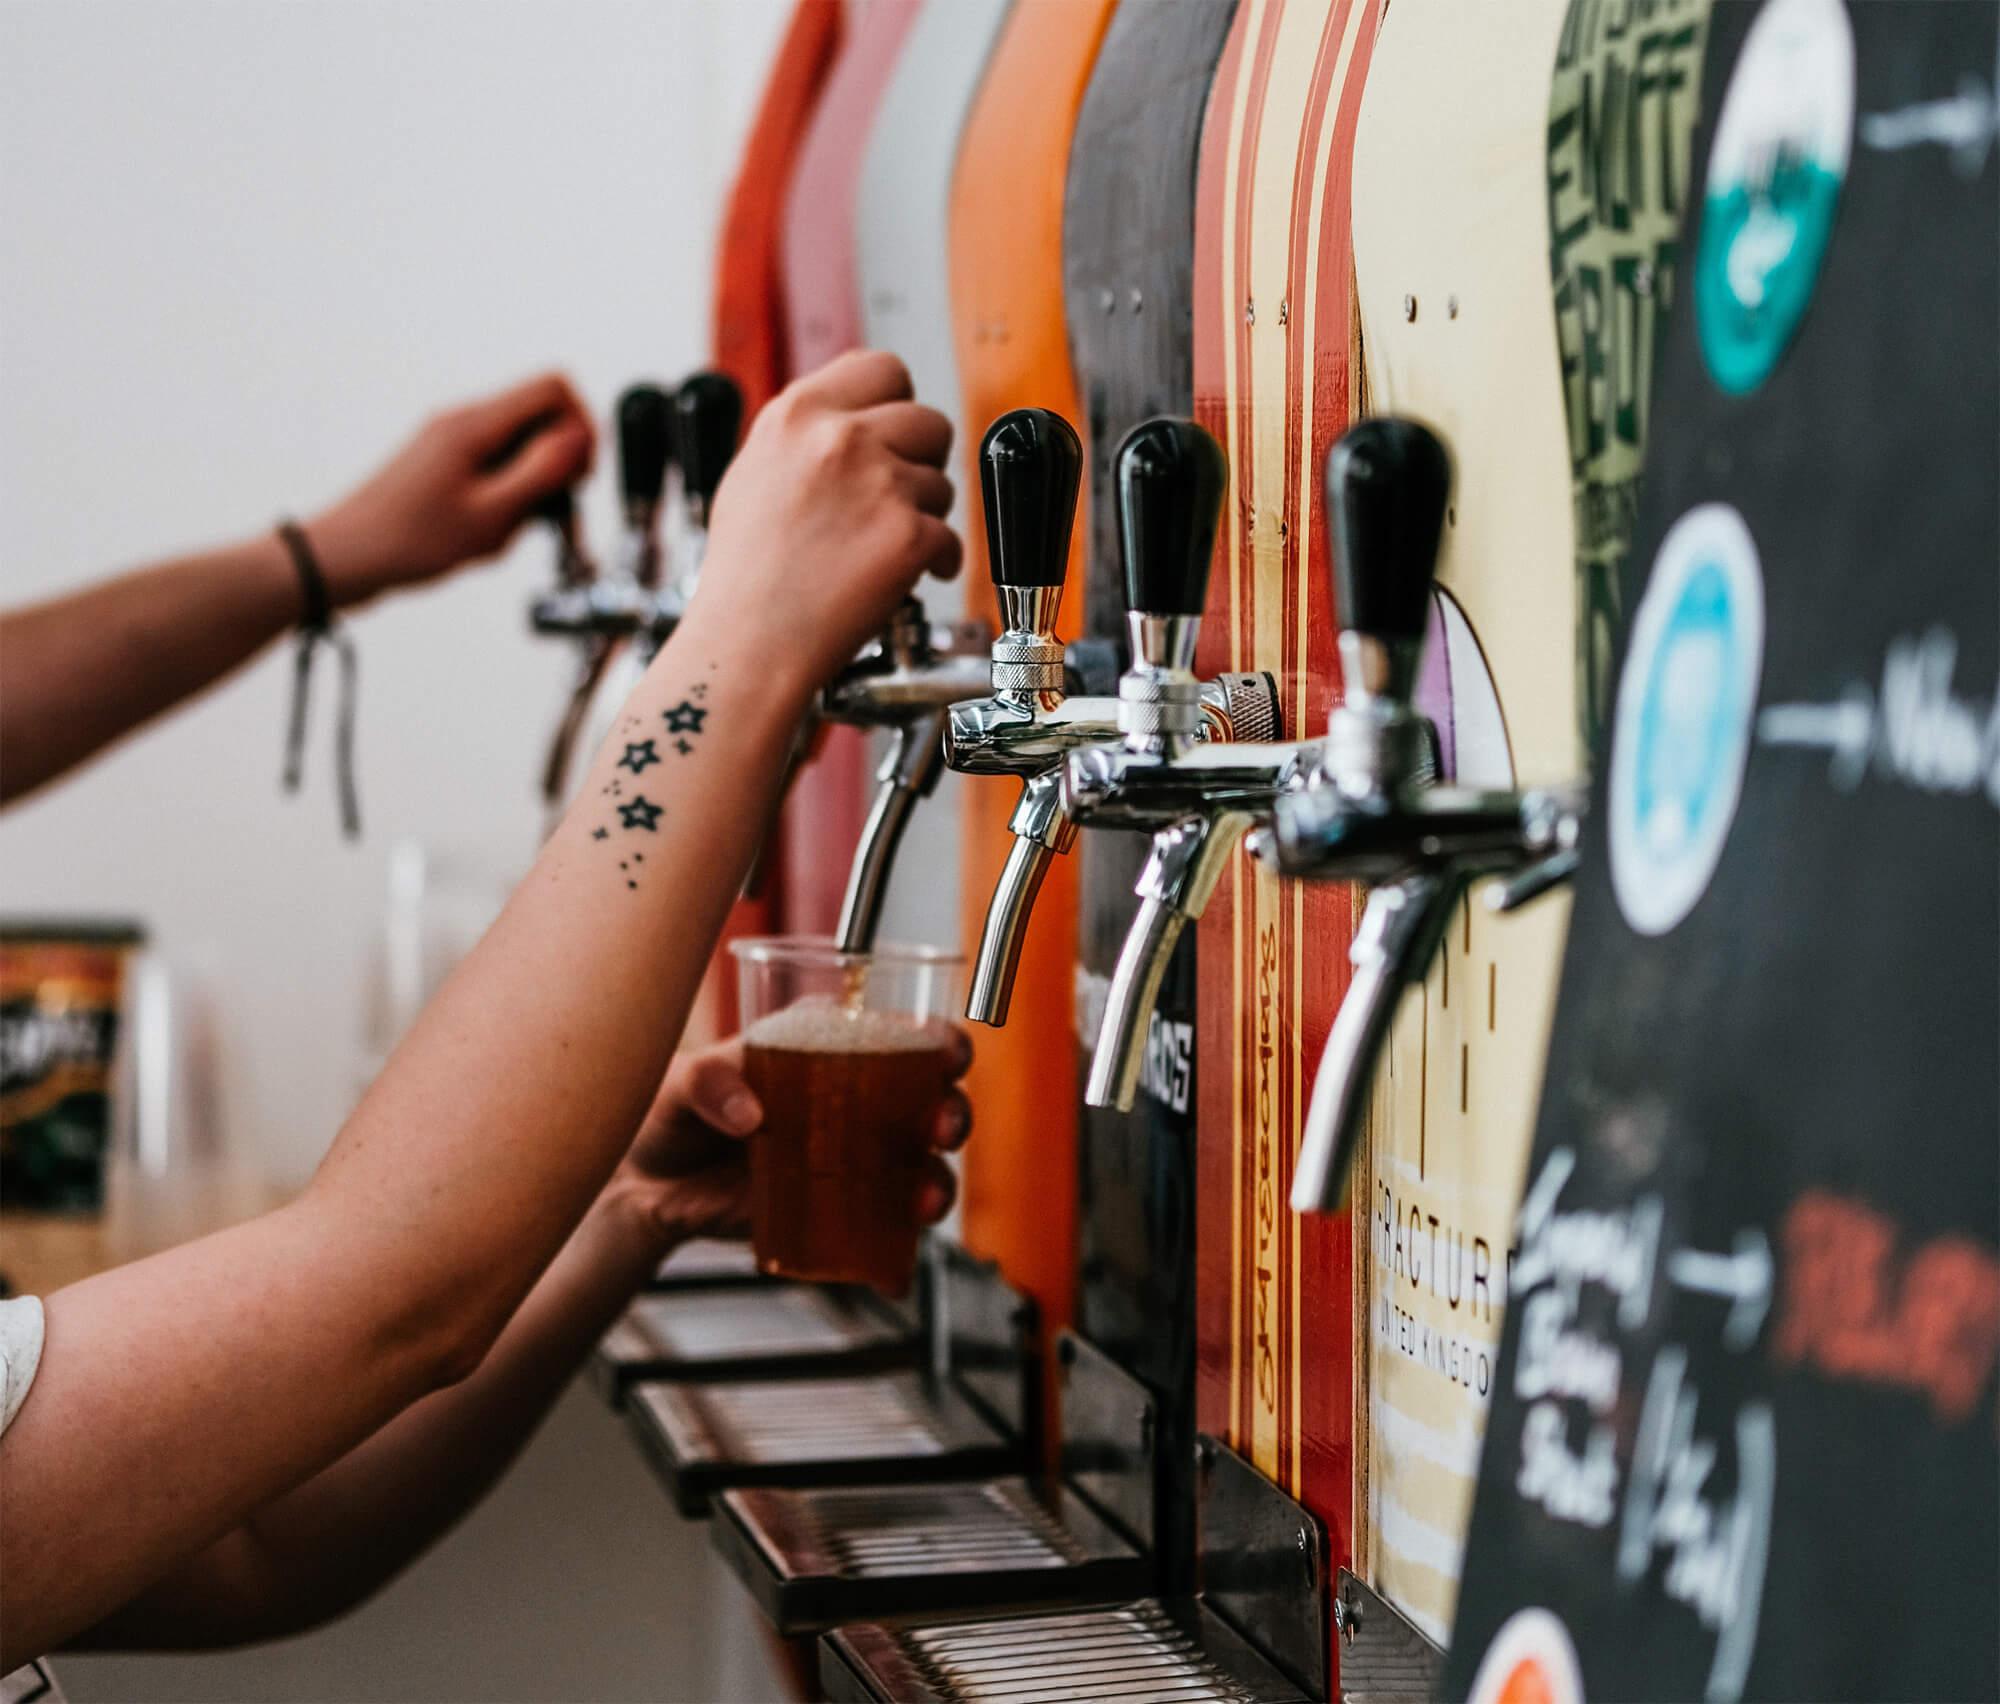 pourquoi la biere est amere